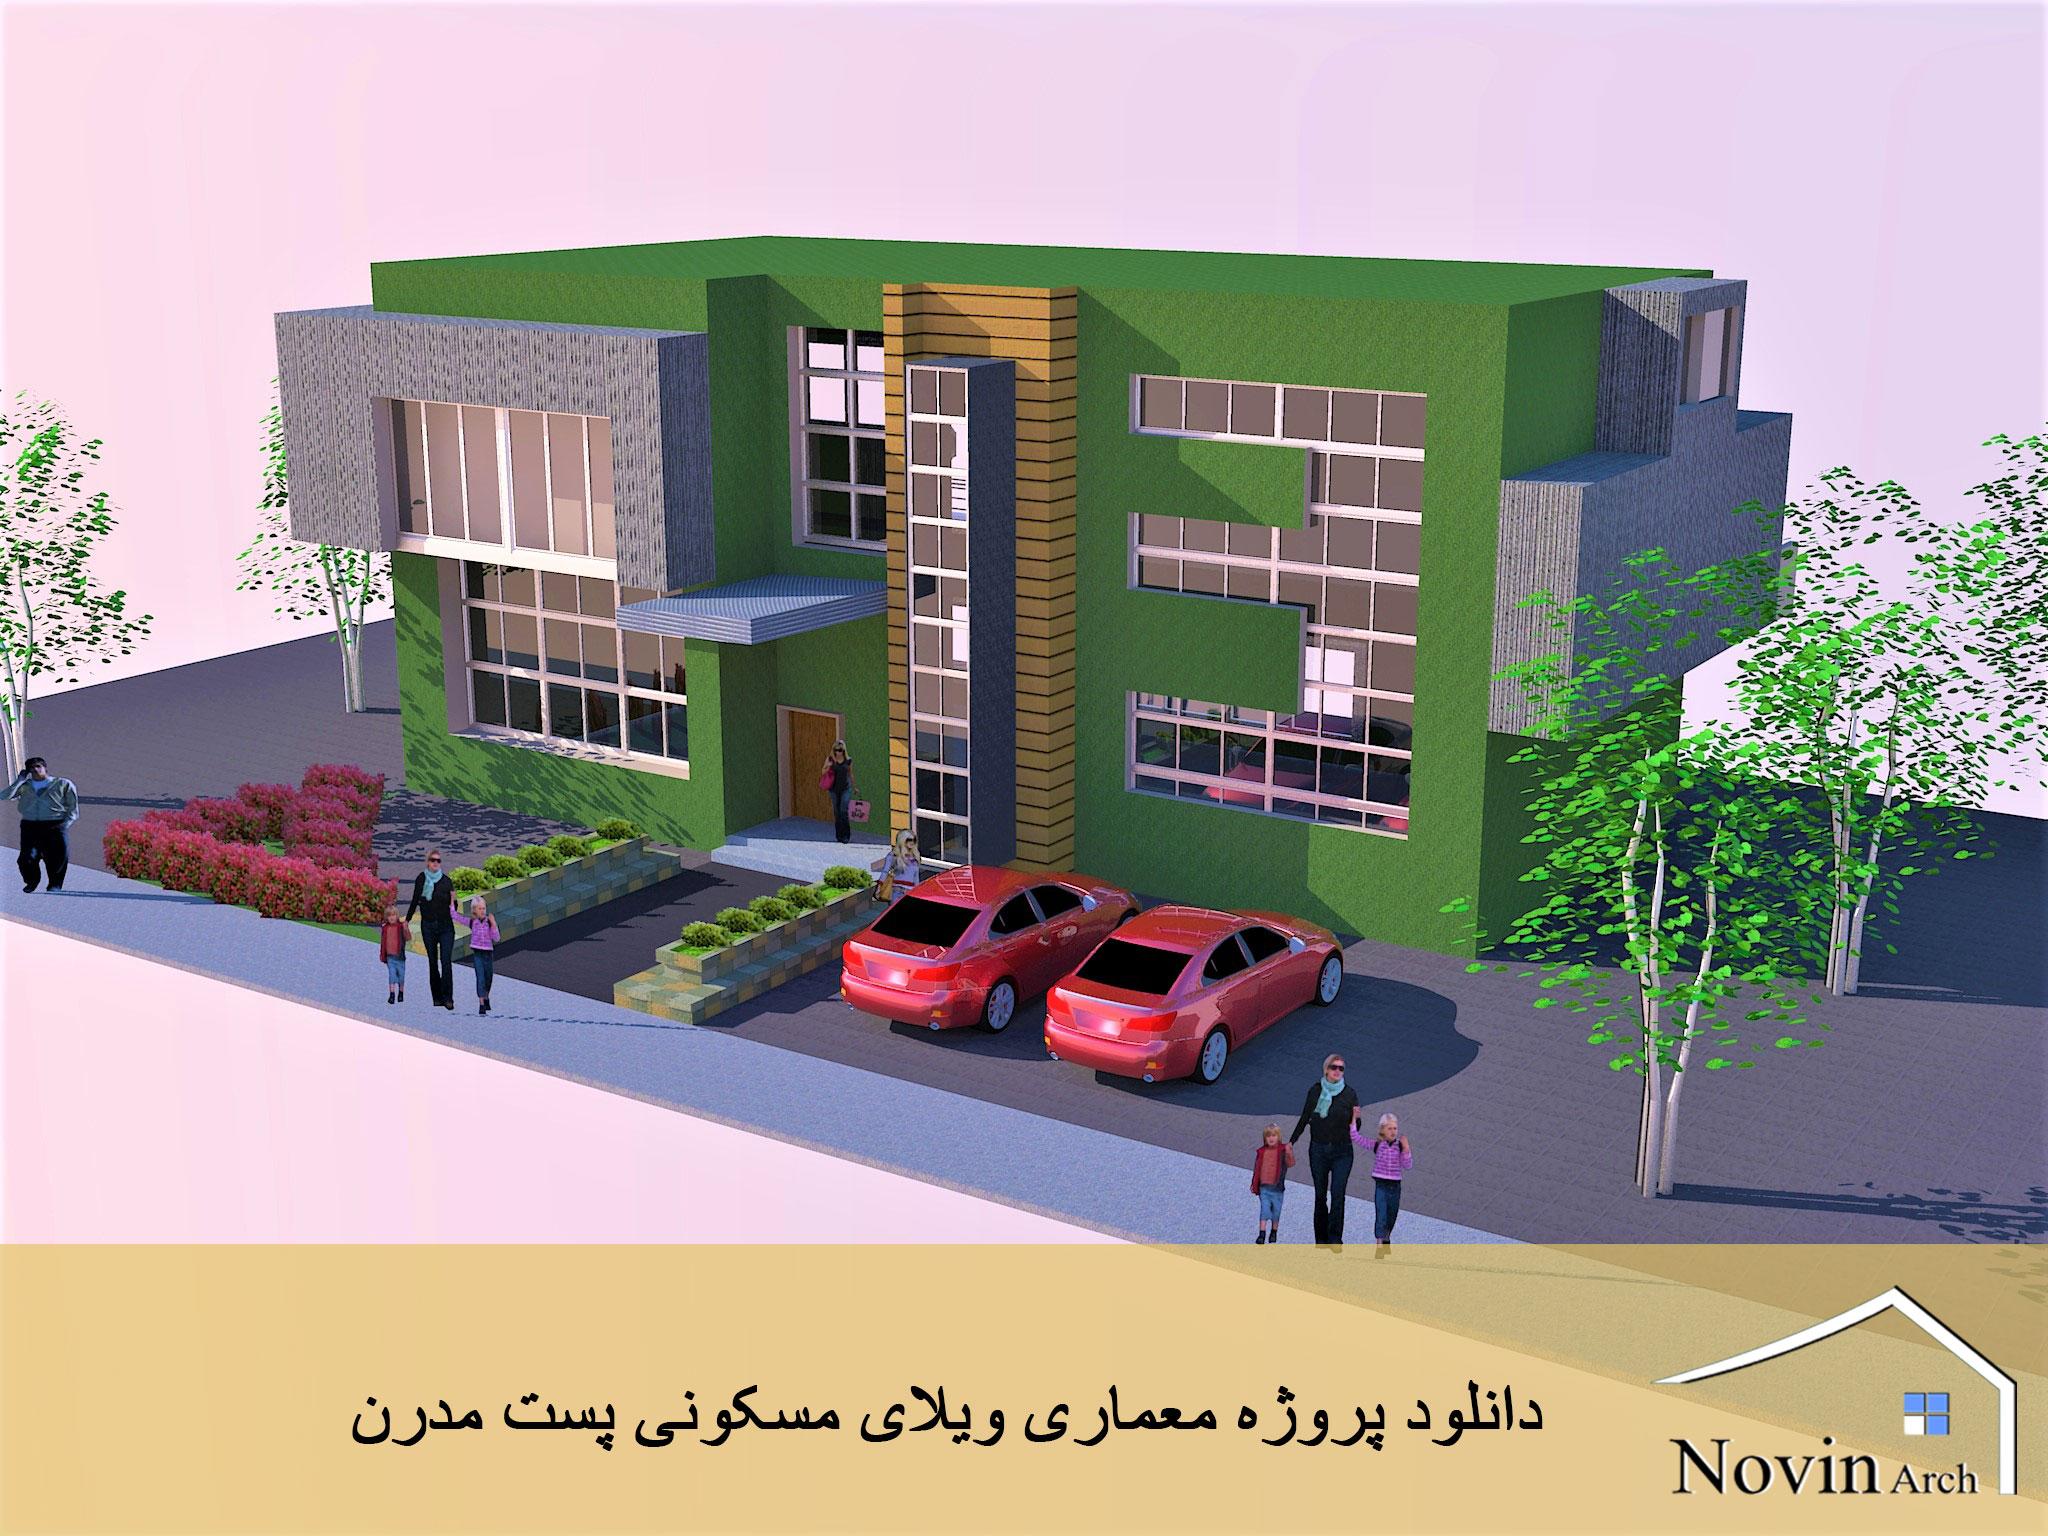 پروژه معماری ویلای مسکونی پست مدرن